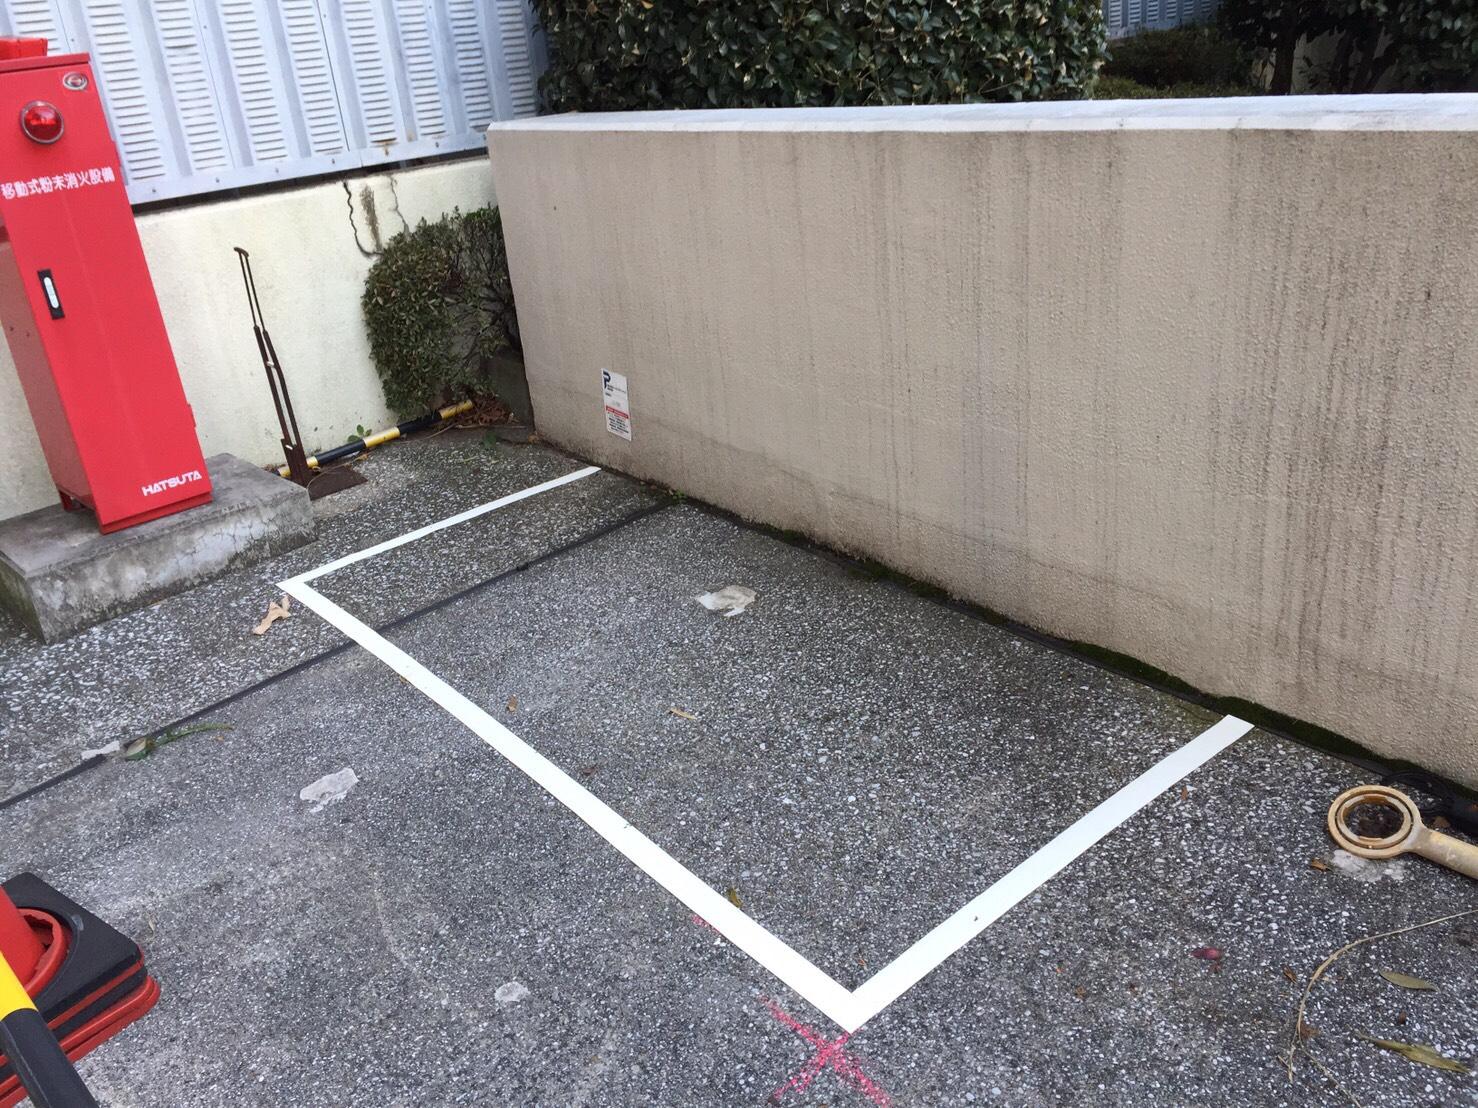 月極駐車場 MFPR渋谷南平台ビルの写真1